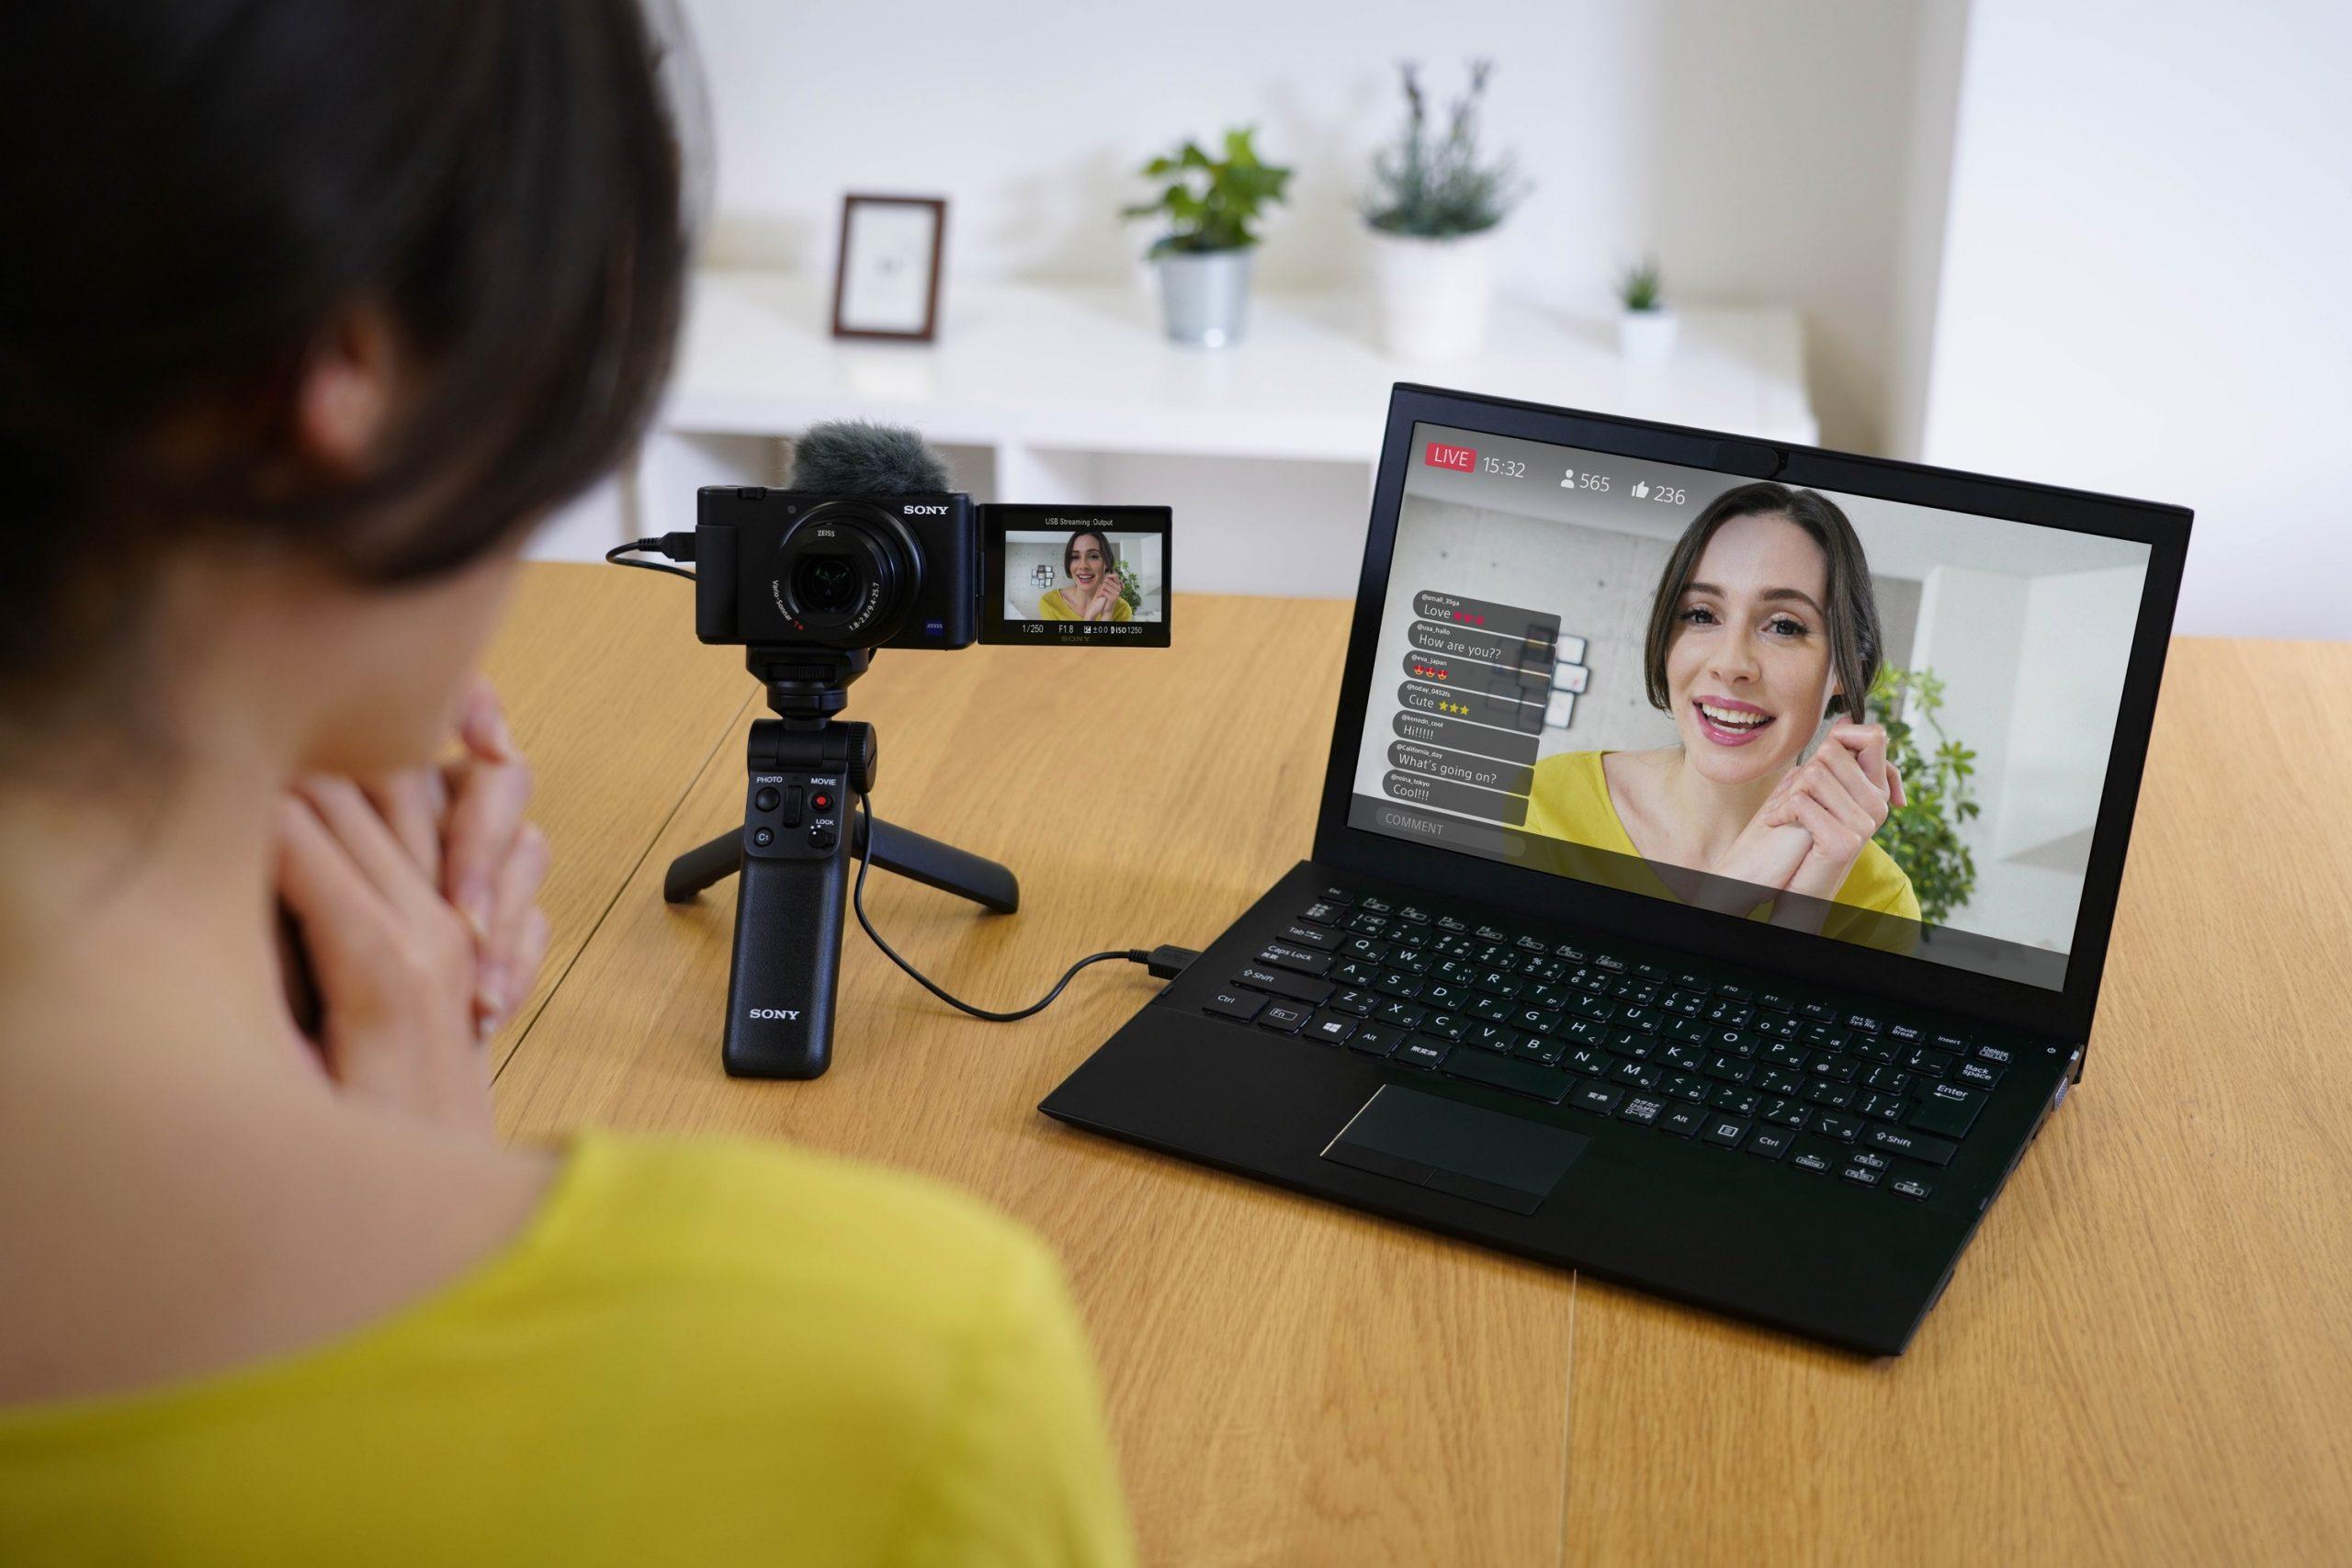 Qualitativ hochwertiges Livestreaming mit der Sony ZV-1 per UVC dank neuem Firmware-Update. (c) Sony